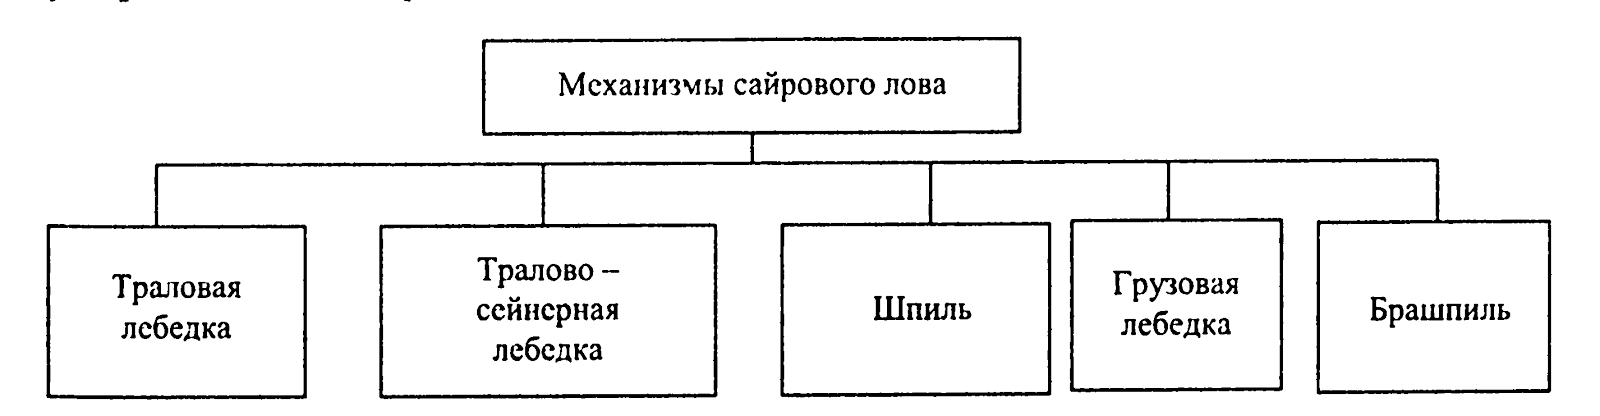 На структурной схеме приведены